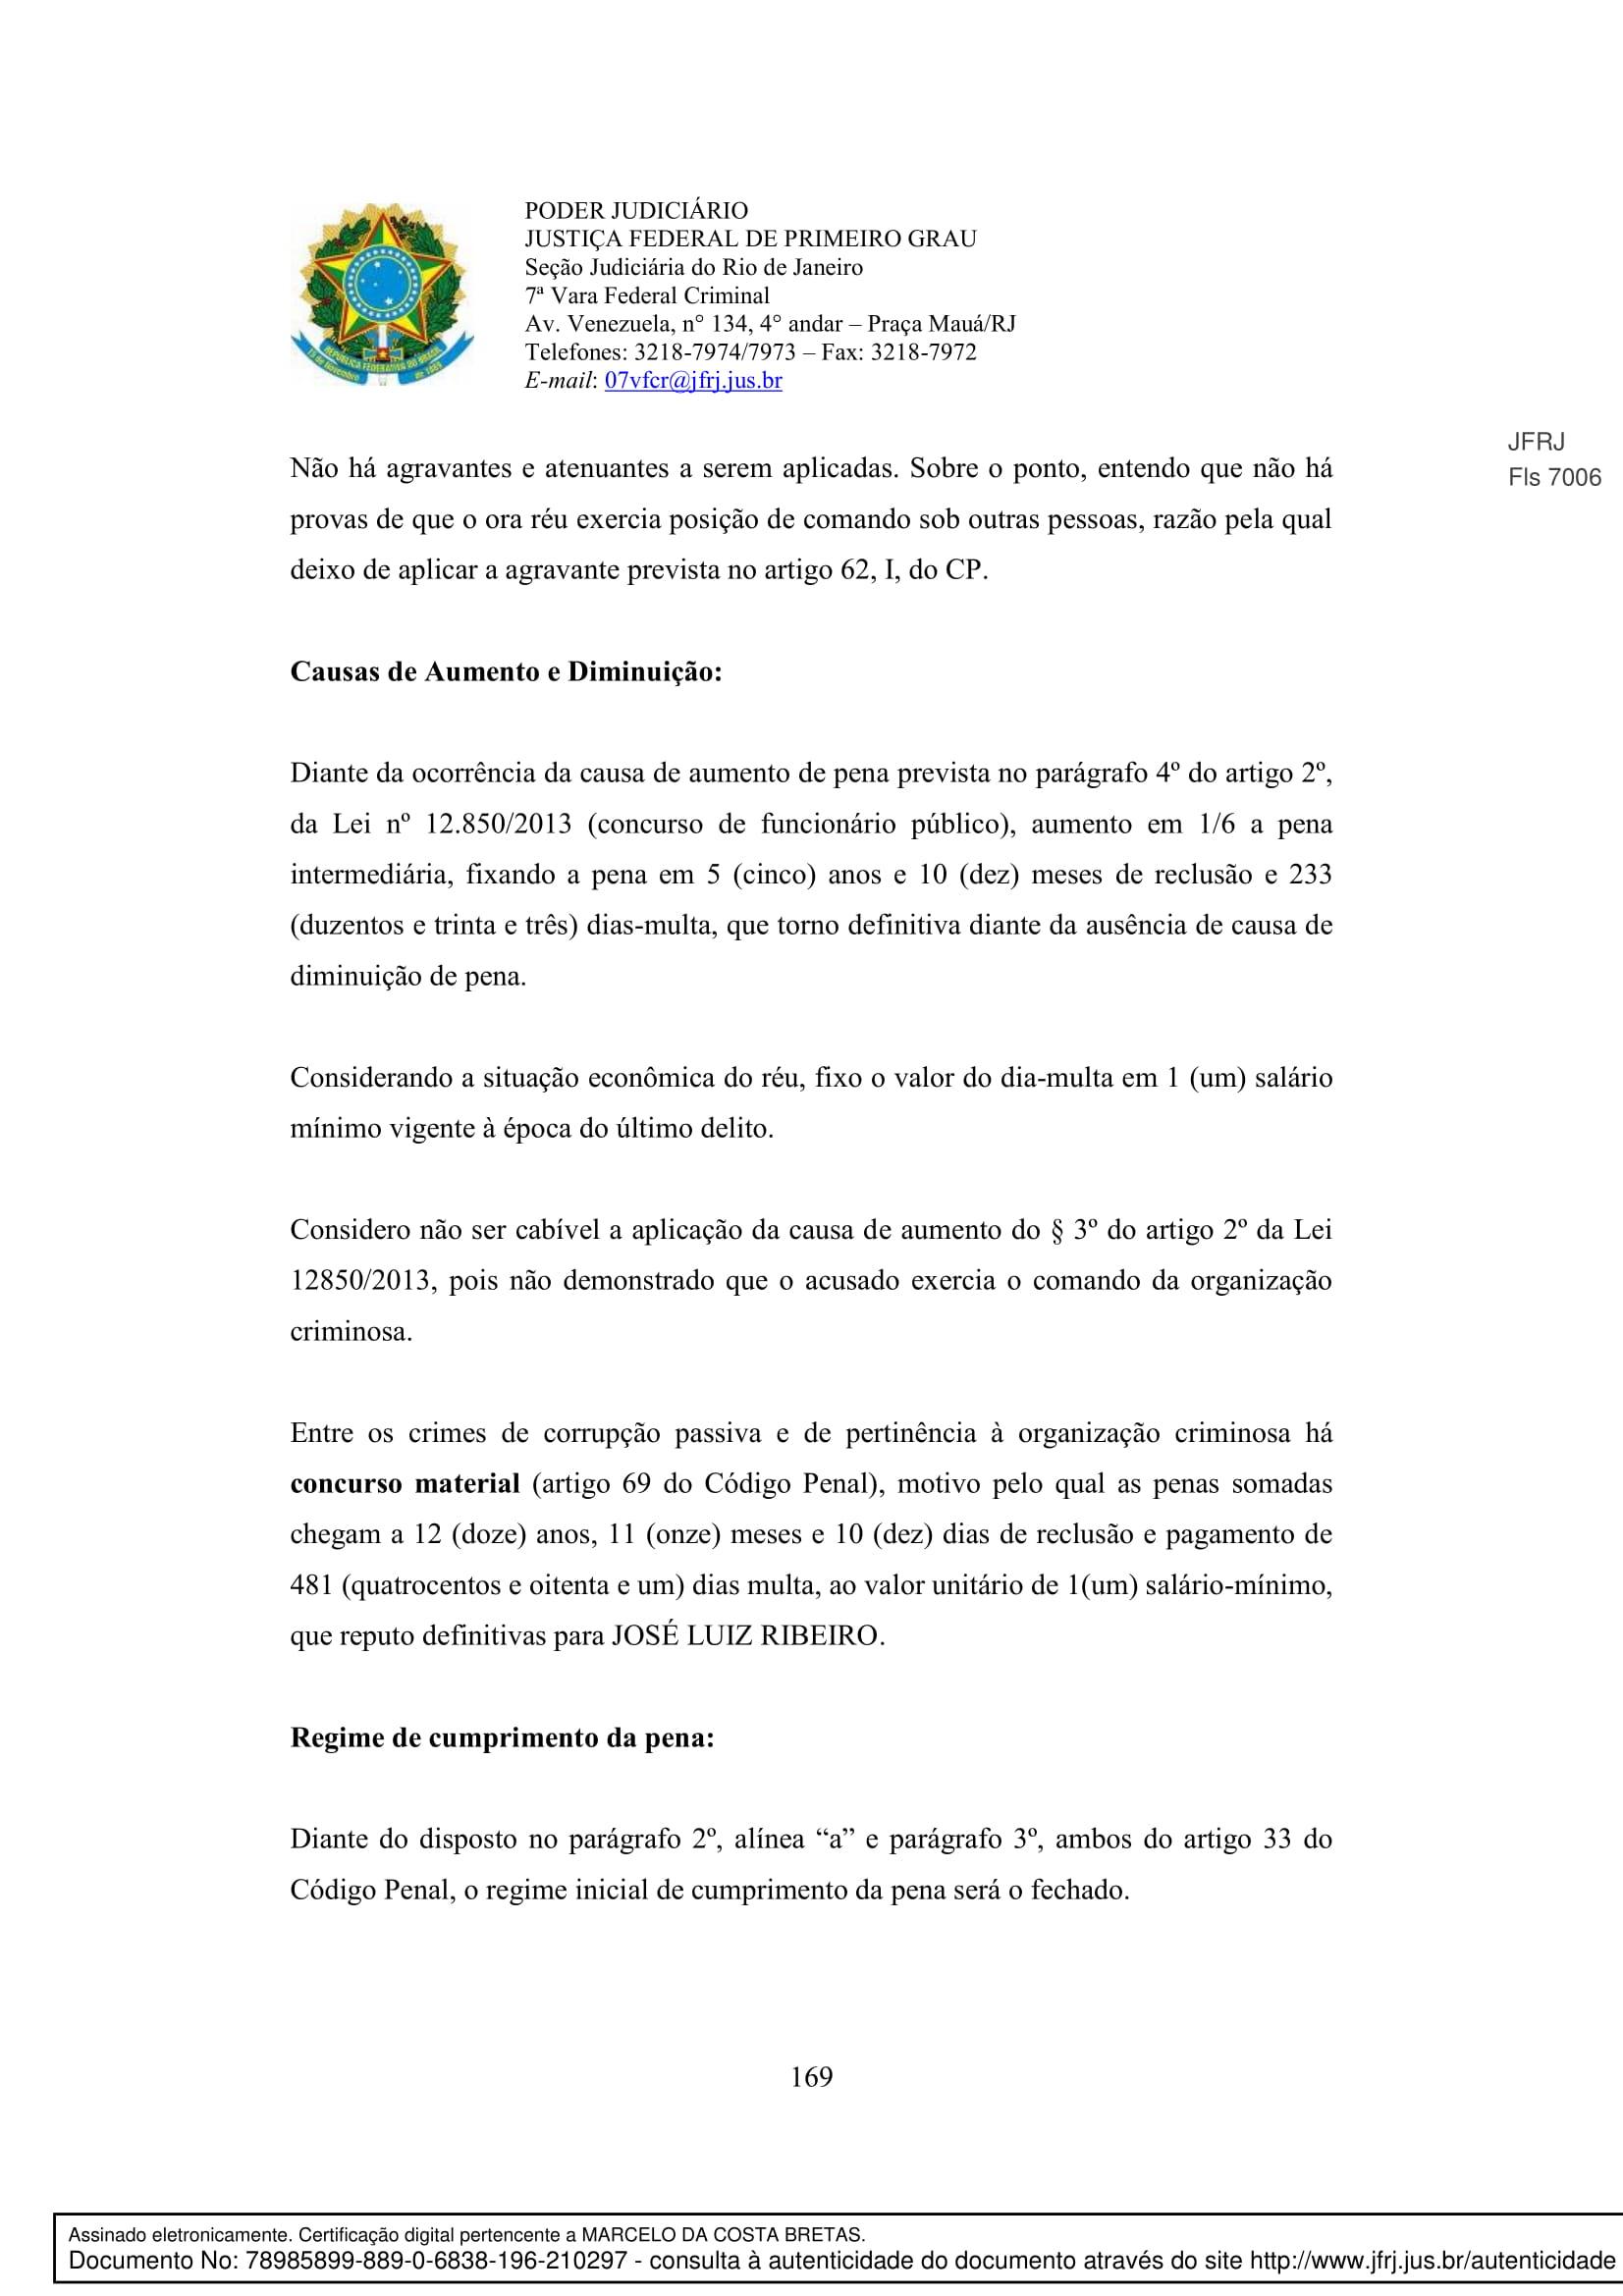 Sentenca-Cadeia-Velha-7VFC-169